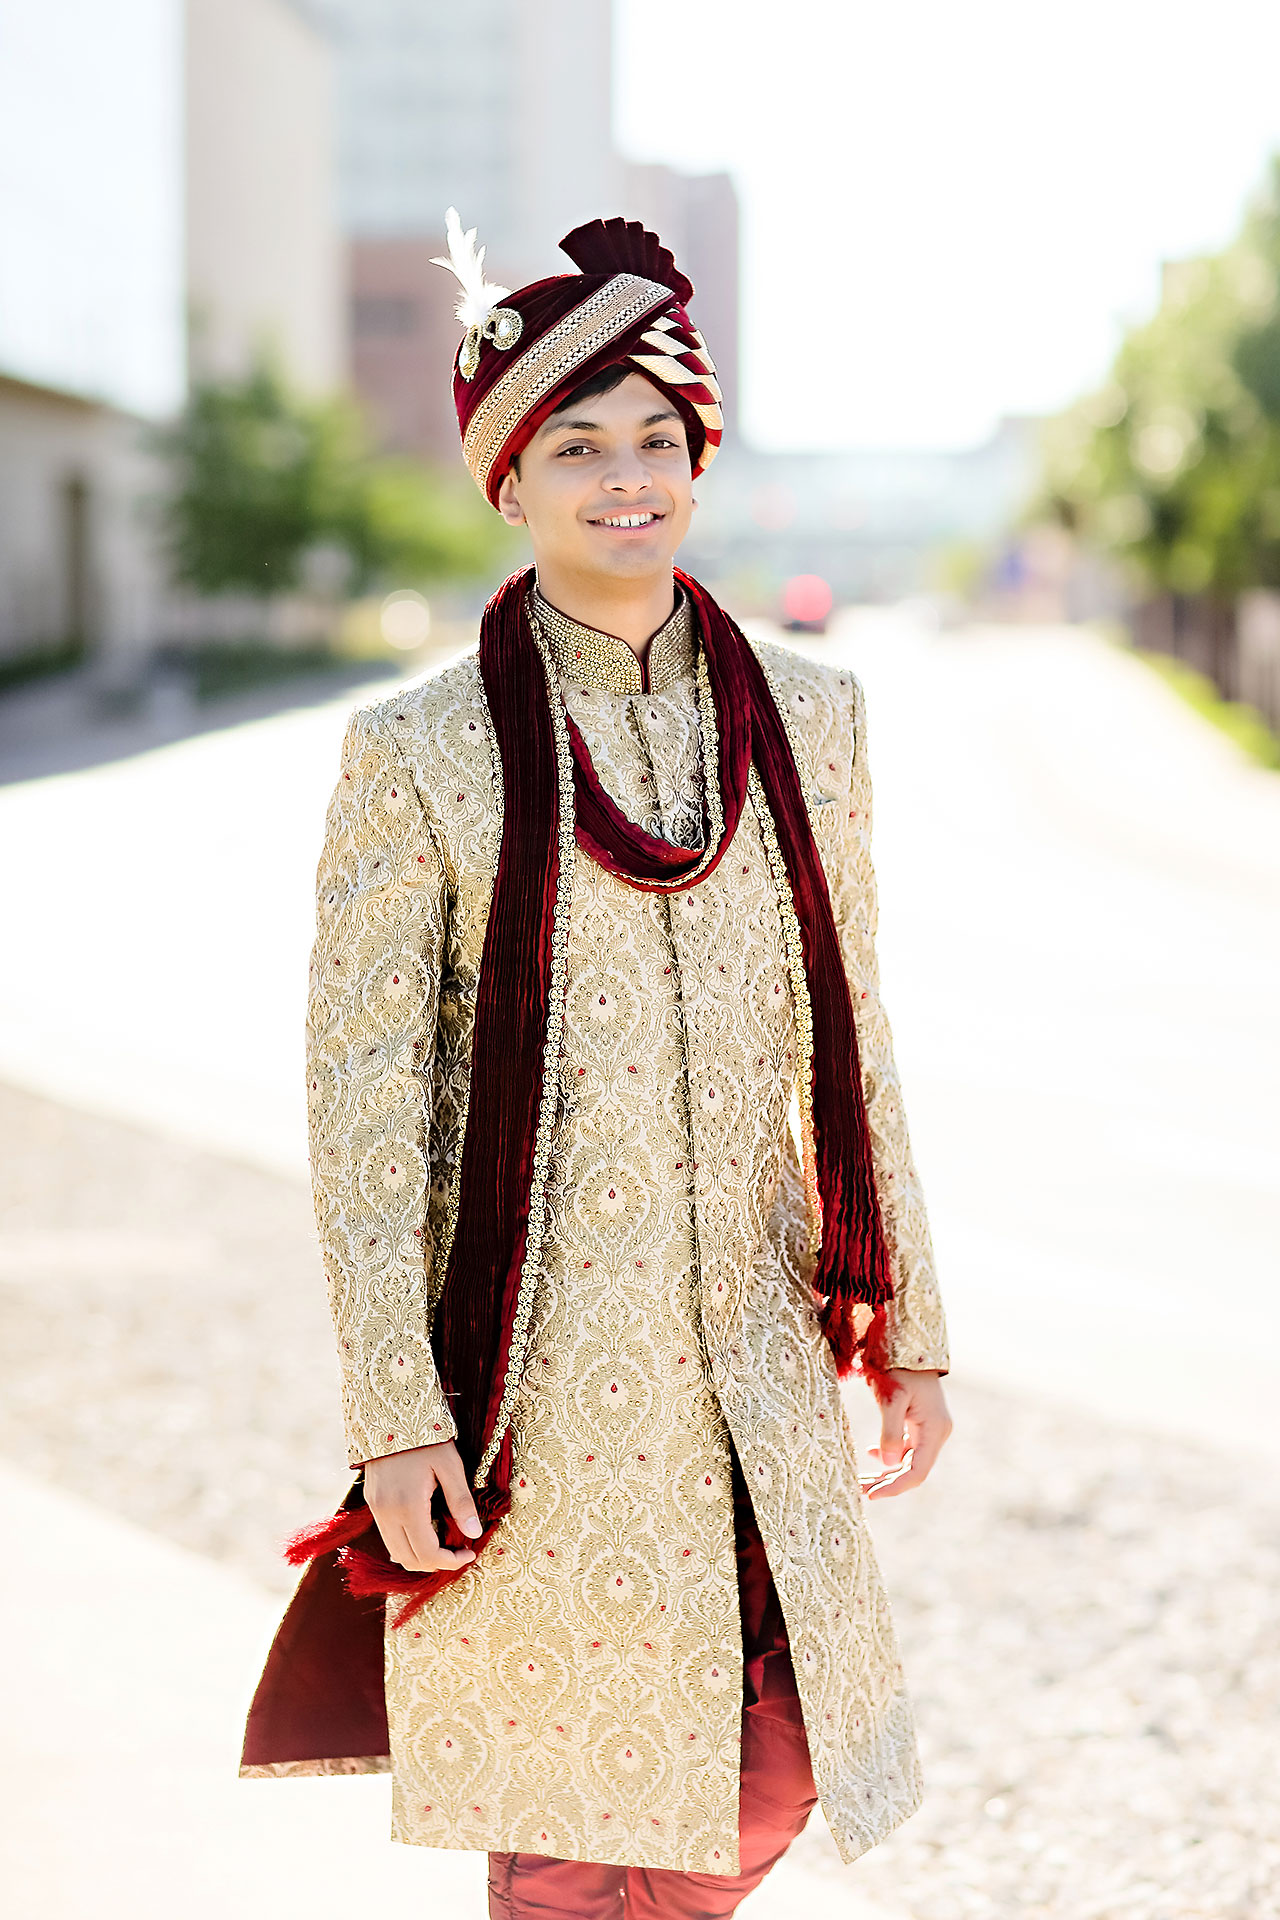 Joie Nikhil JW Marriott Indian Wedding 107